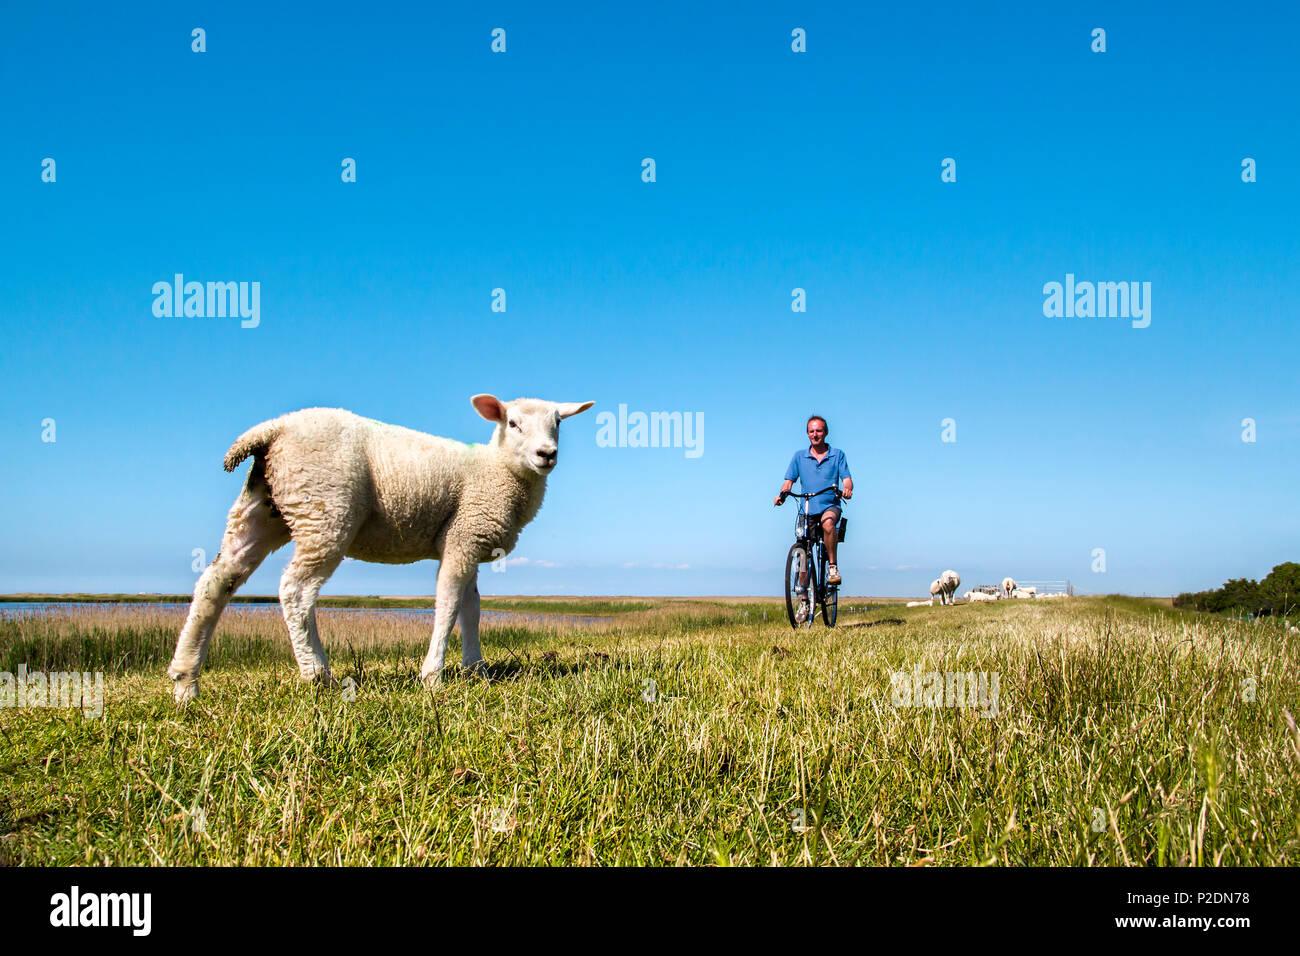 Ciclista y ovejas en un dique, Westermarkelsdorf, isla Fehmarn, costa Báltica, Schleswig-Holstein, Alemania Imagen De Stock